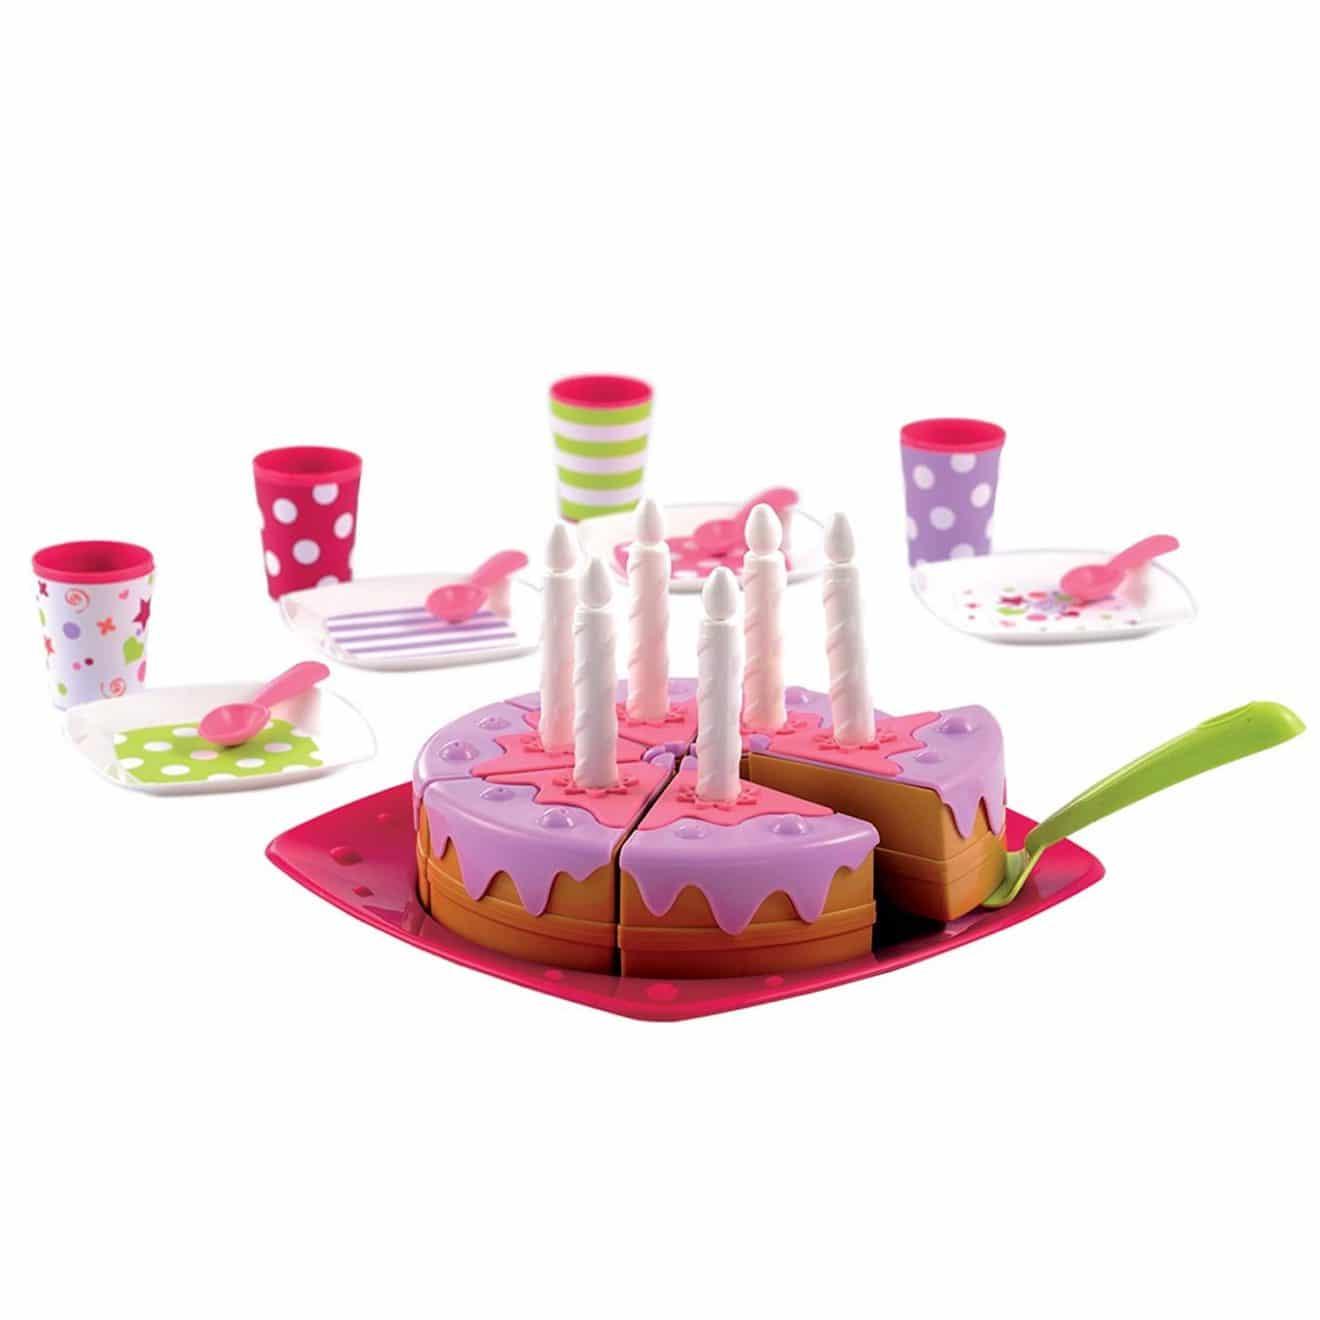 accessoires cuisine pour enfants : gateau anniversaire ecoiffier